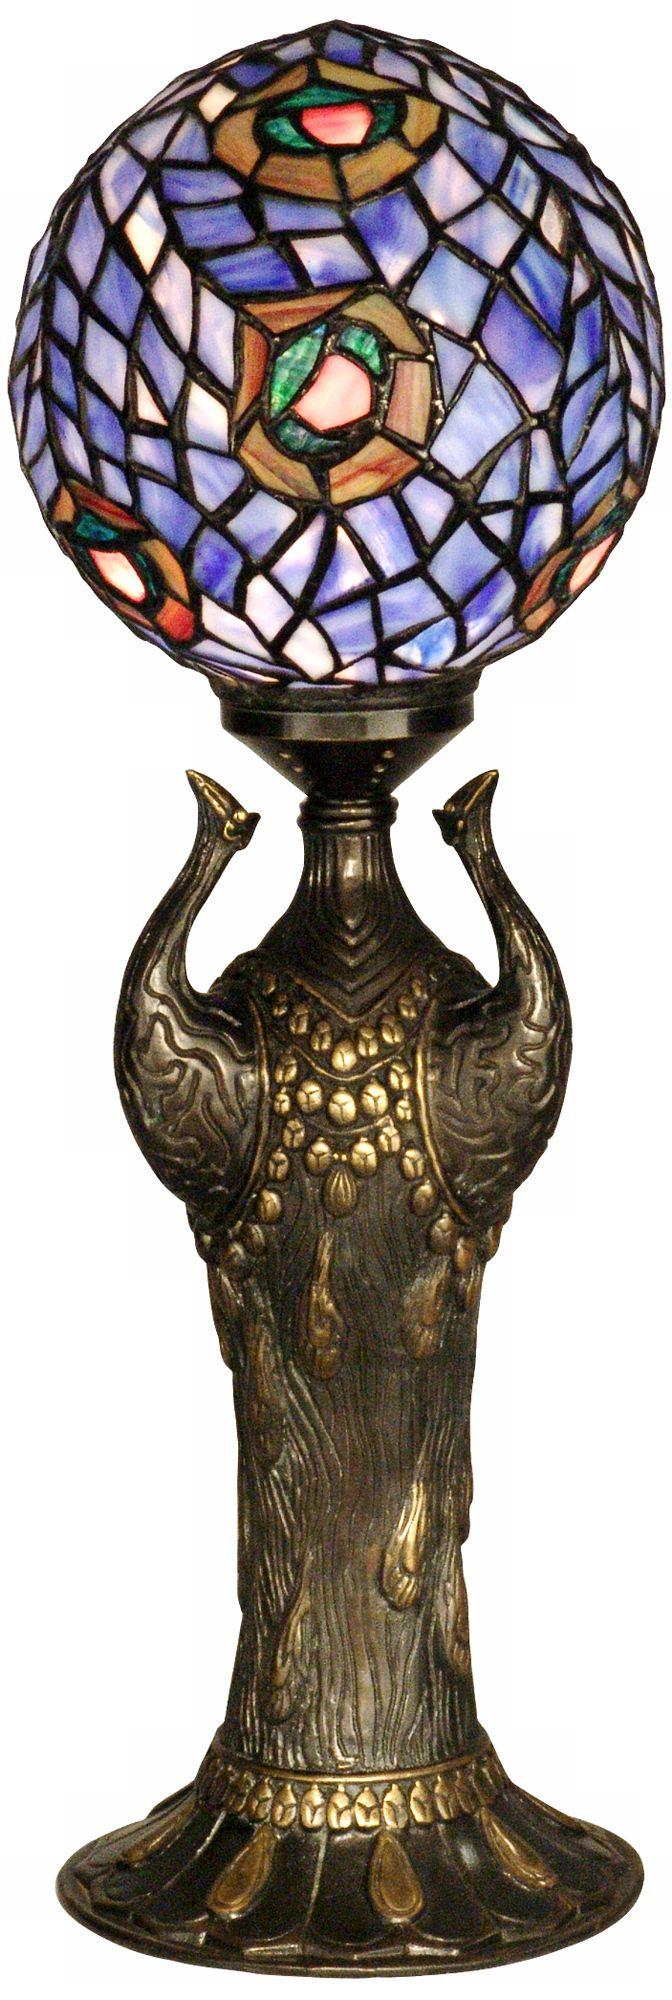 Globe Peacock Replica Dale Tiffany Table Lamp